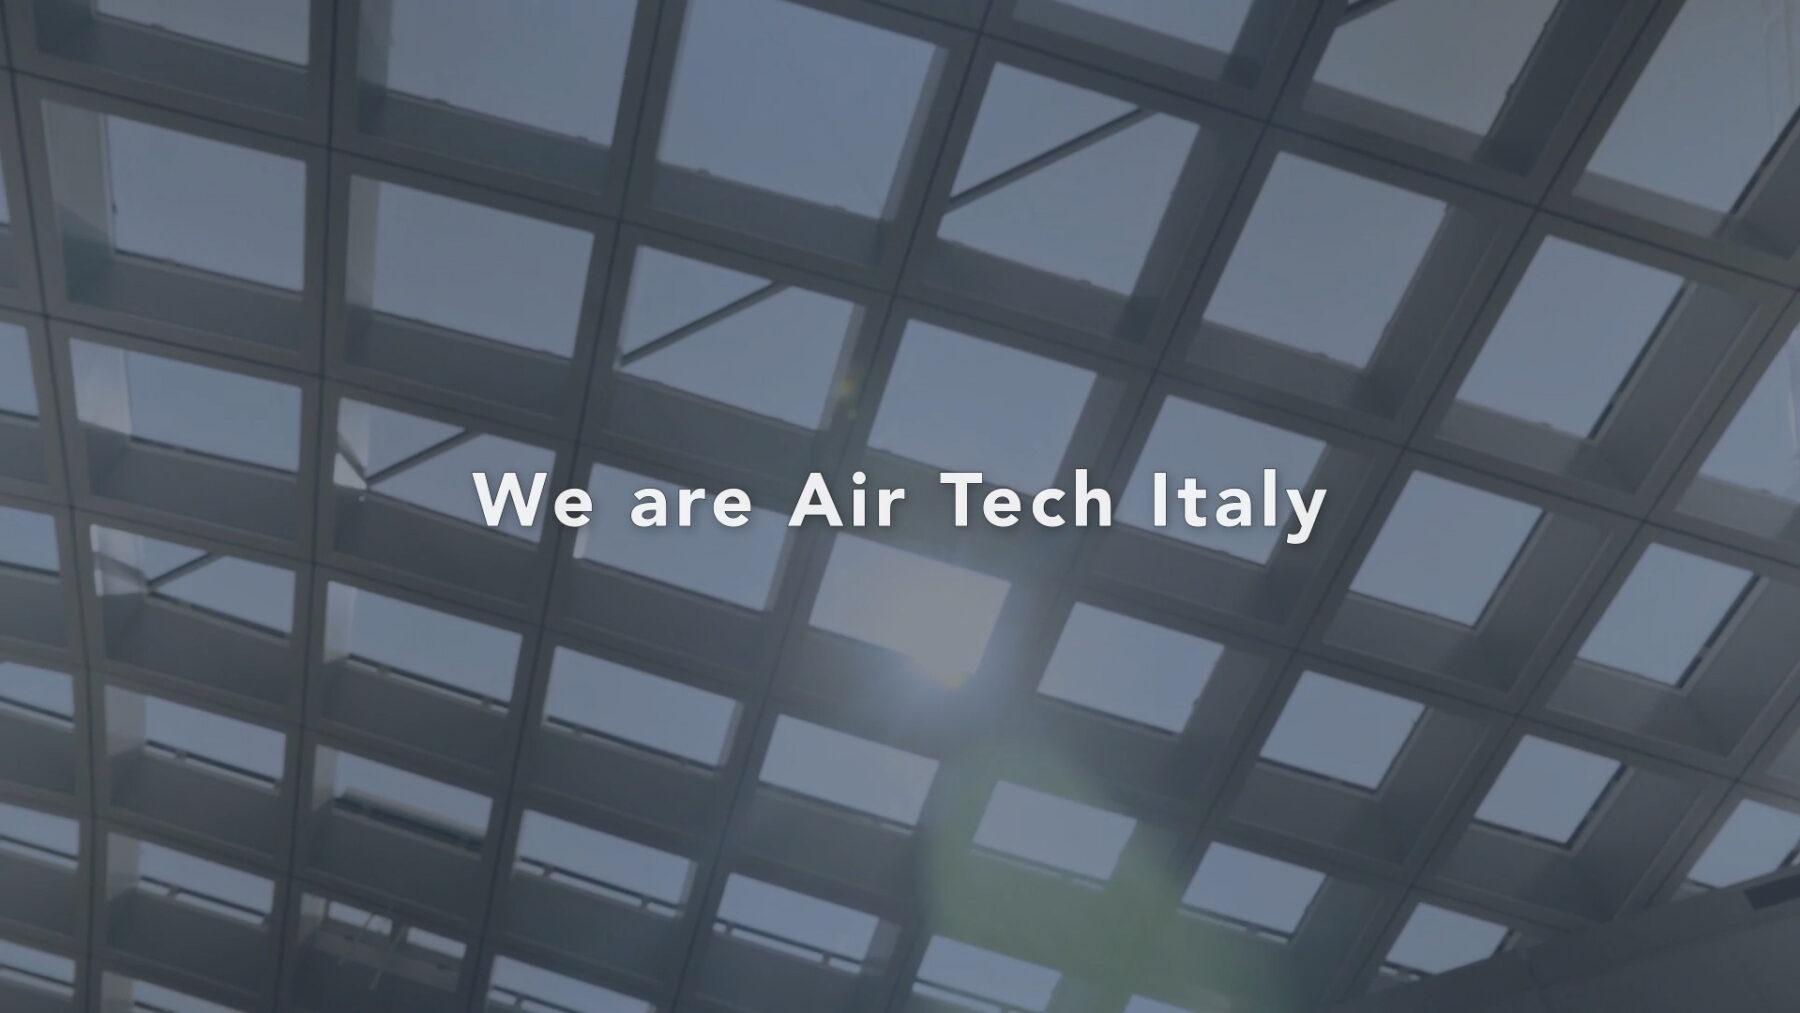 Air Tech Italy appoints Giulio De Carli as President